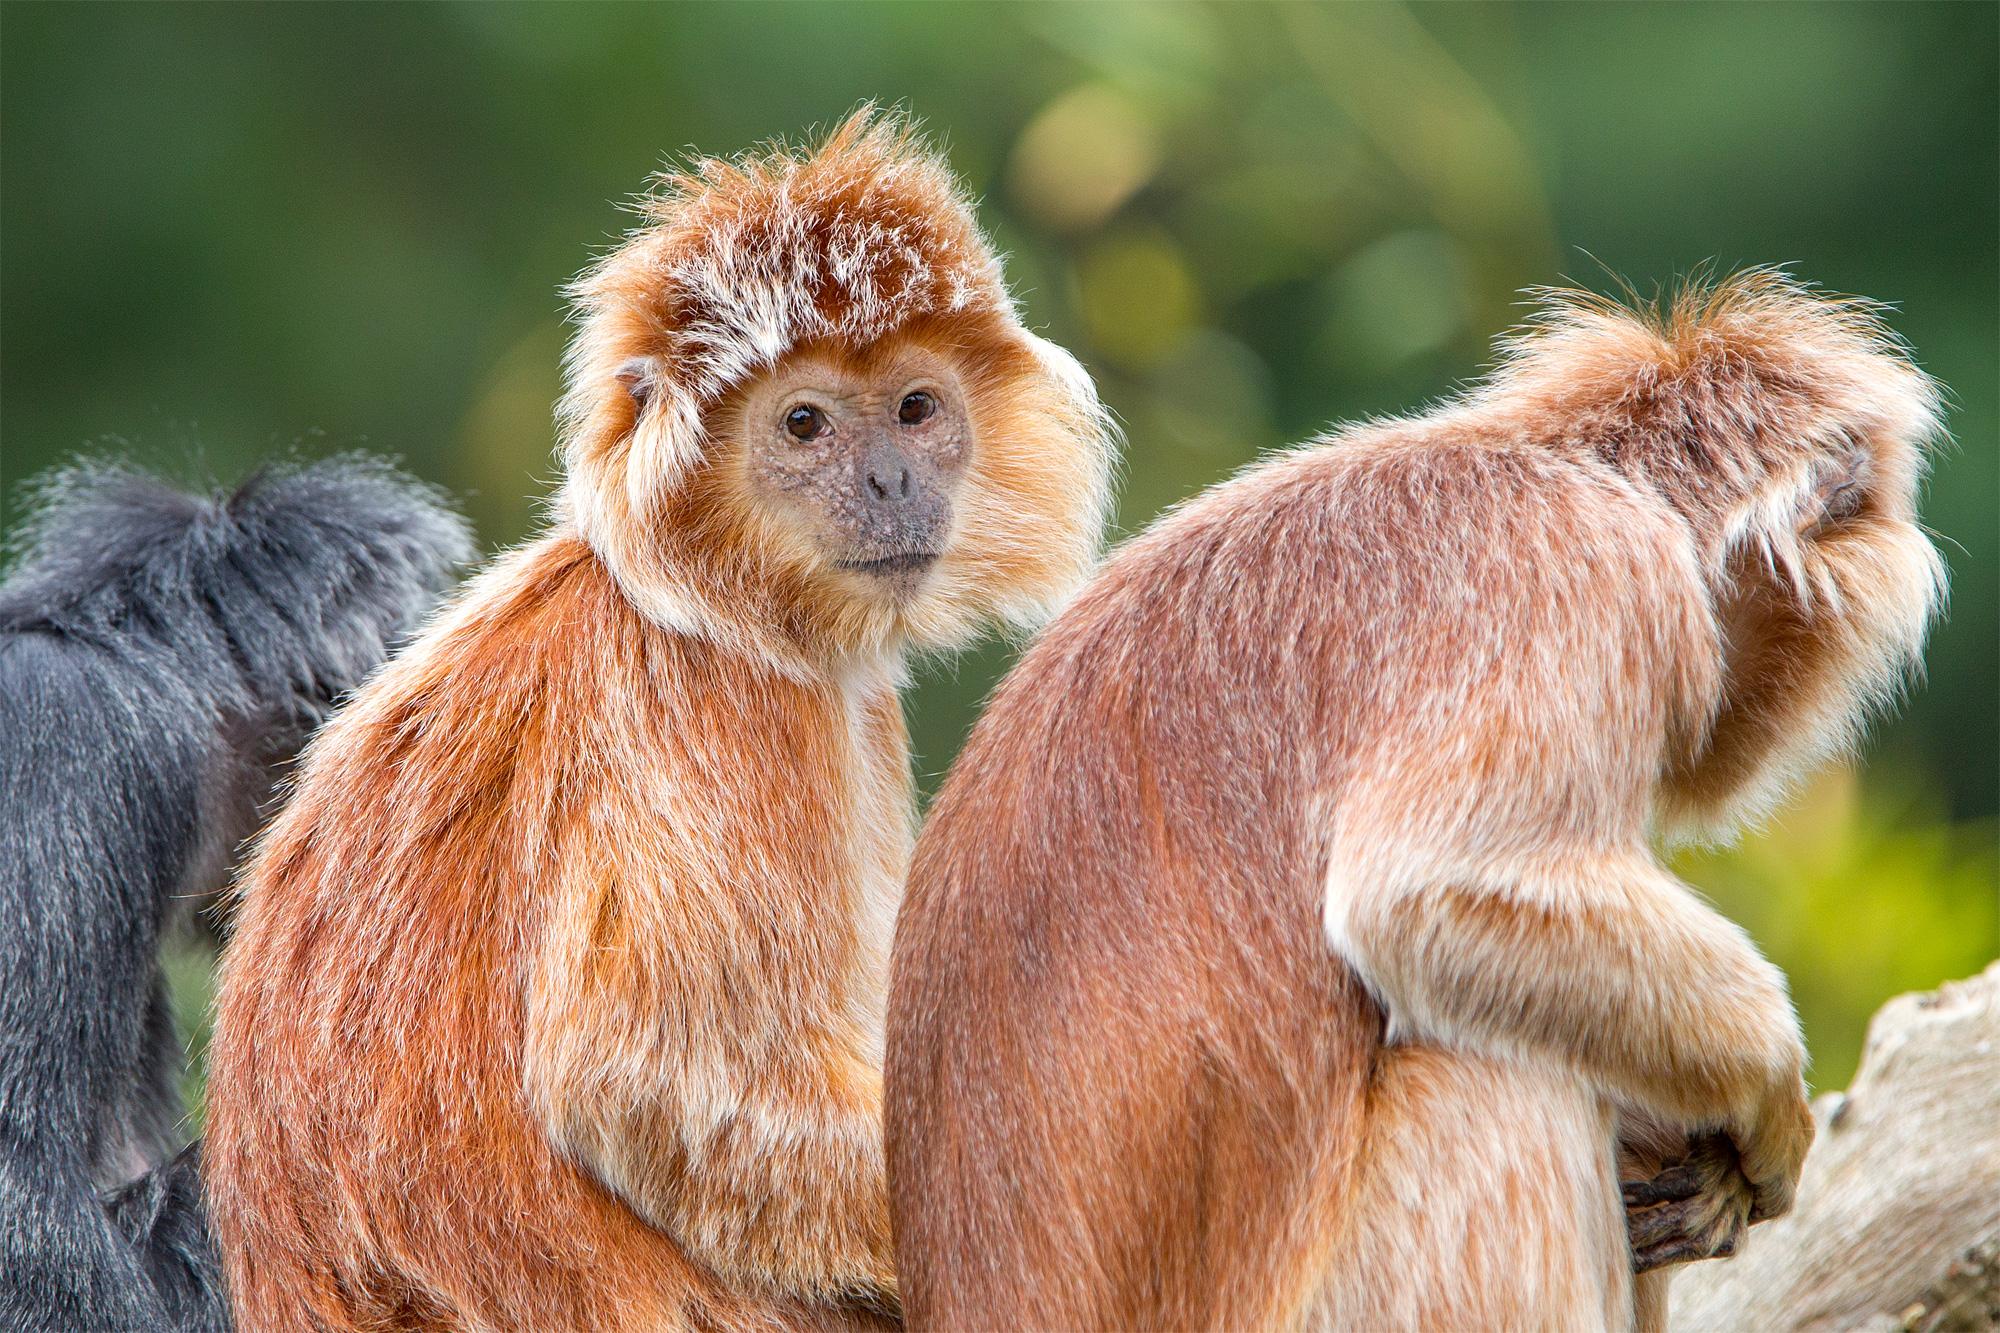 Help de Javaanse langoeren aan een nieuw verblijf